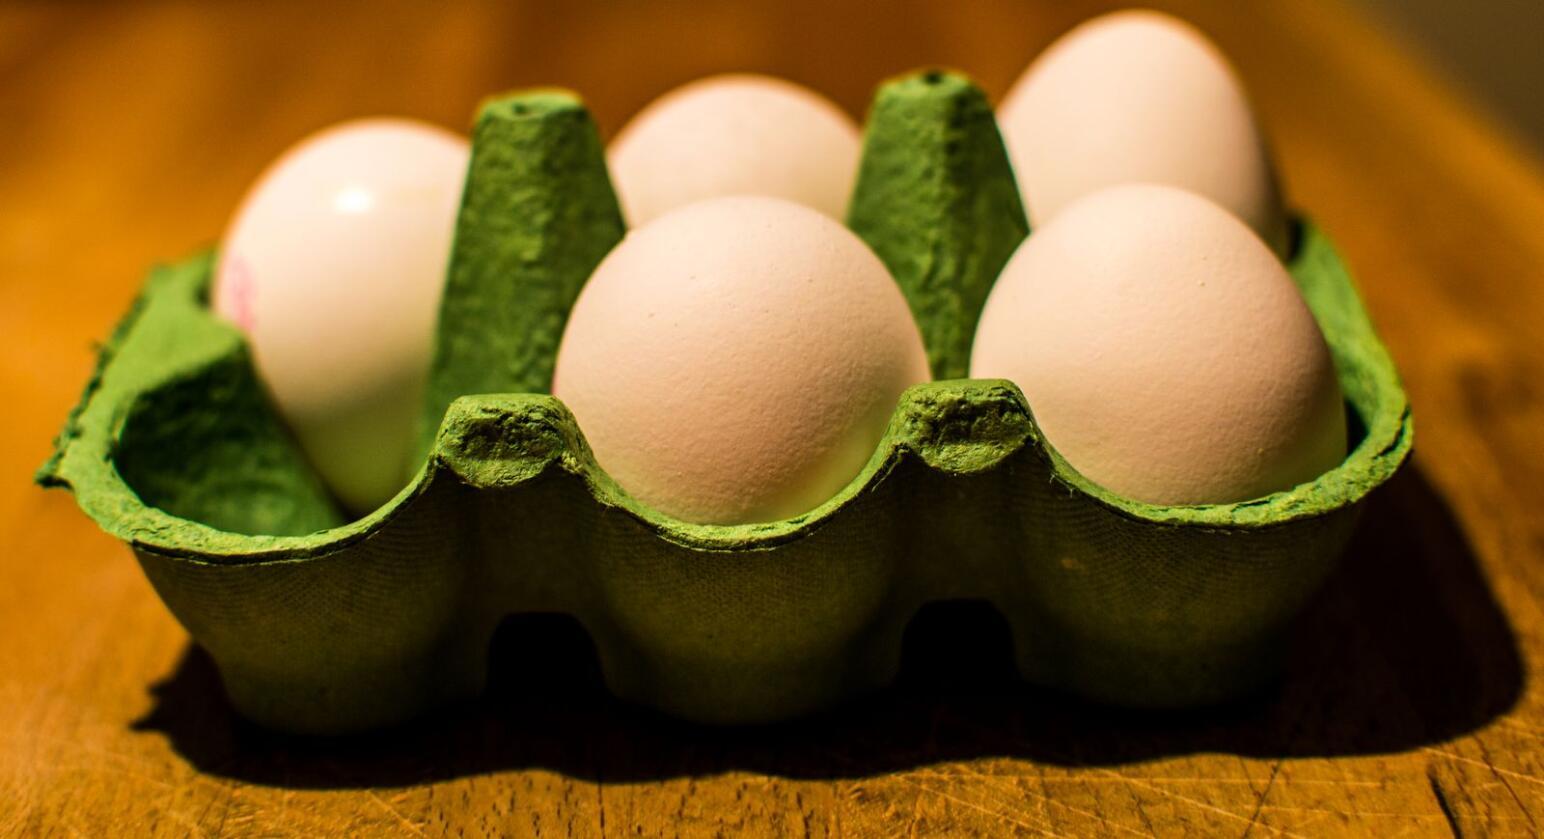 Fugleinfluensa-utbruddet i Sverige har ført til eggmangel. Foto: Mostphotos